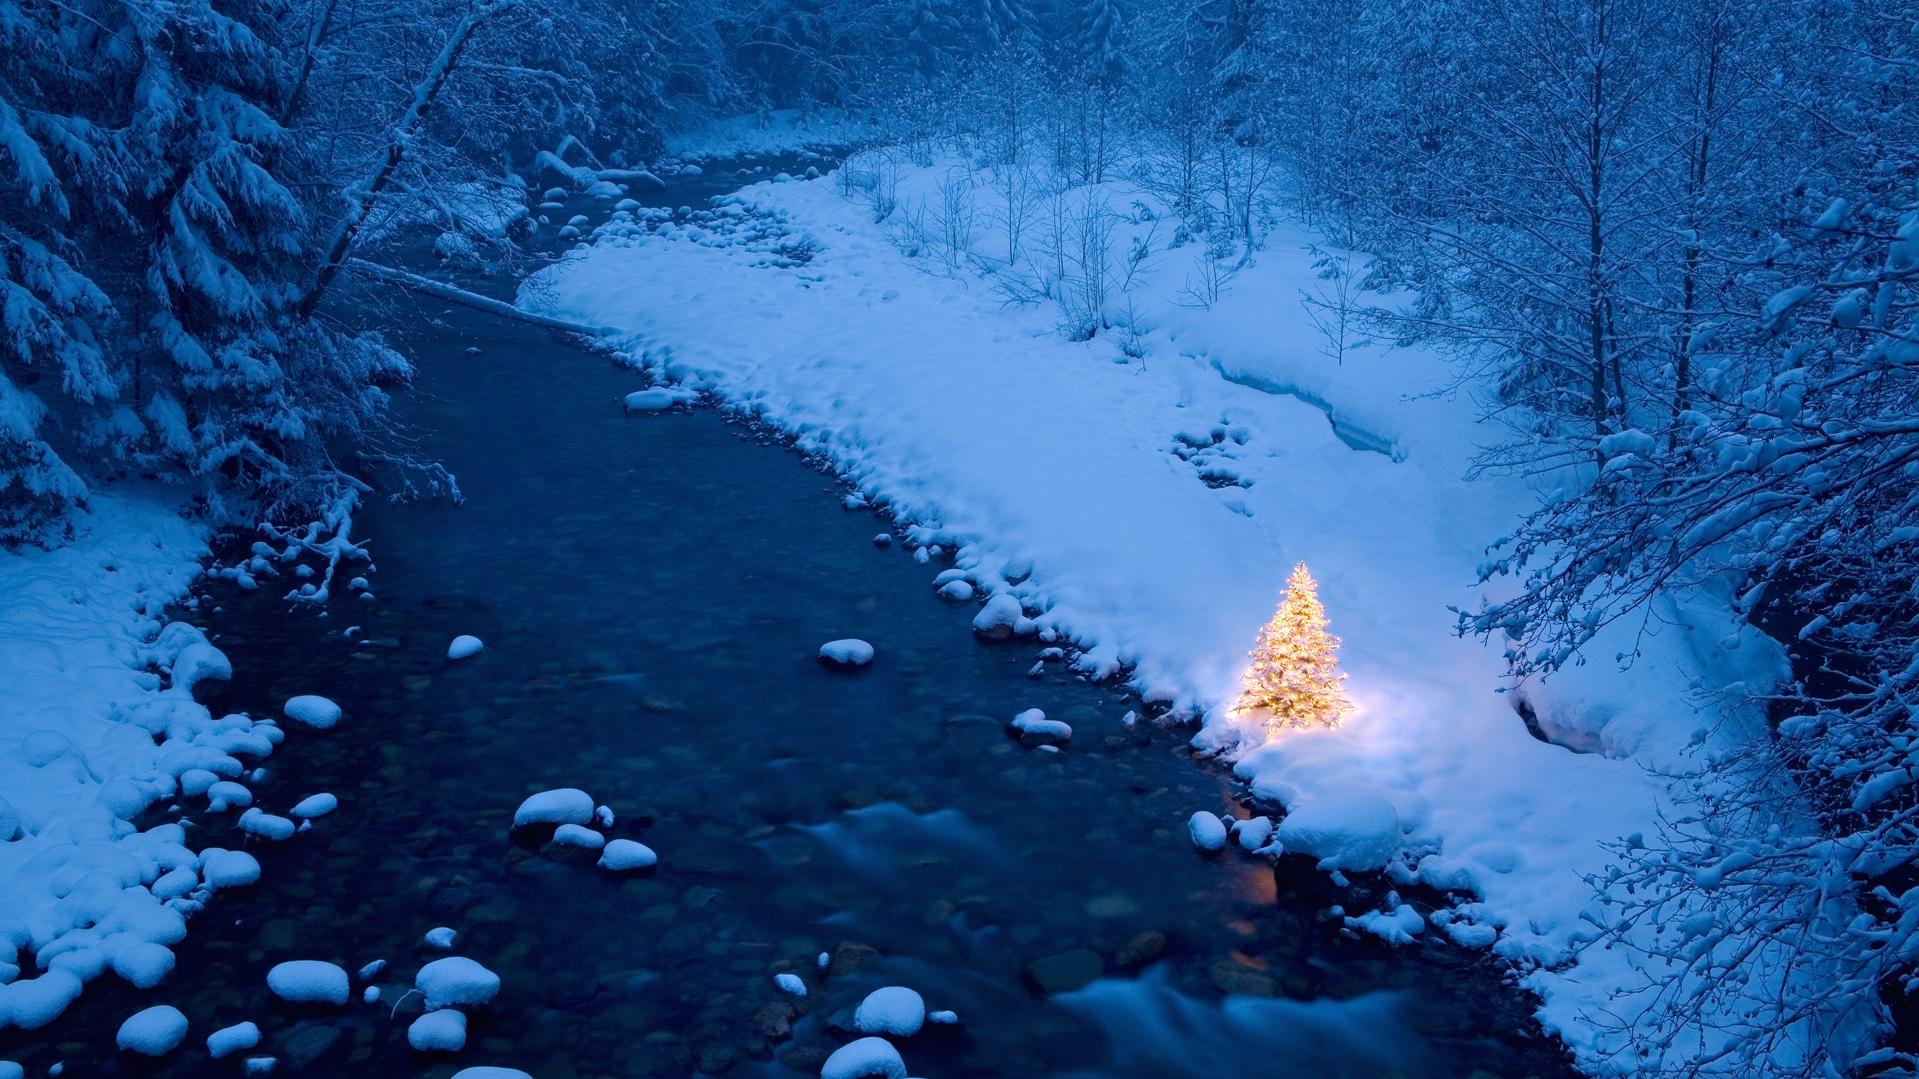 Weihnachten Wallpaper.Free Download Weihnachten Winter Desktop Theme Fr Windows 7 Desktop